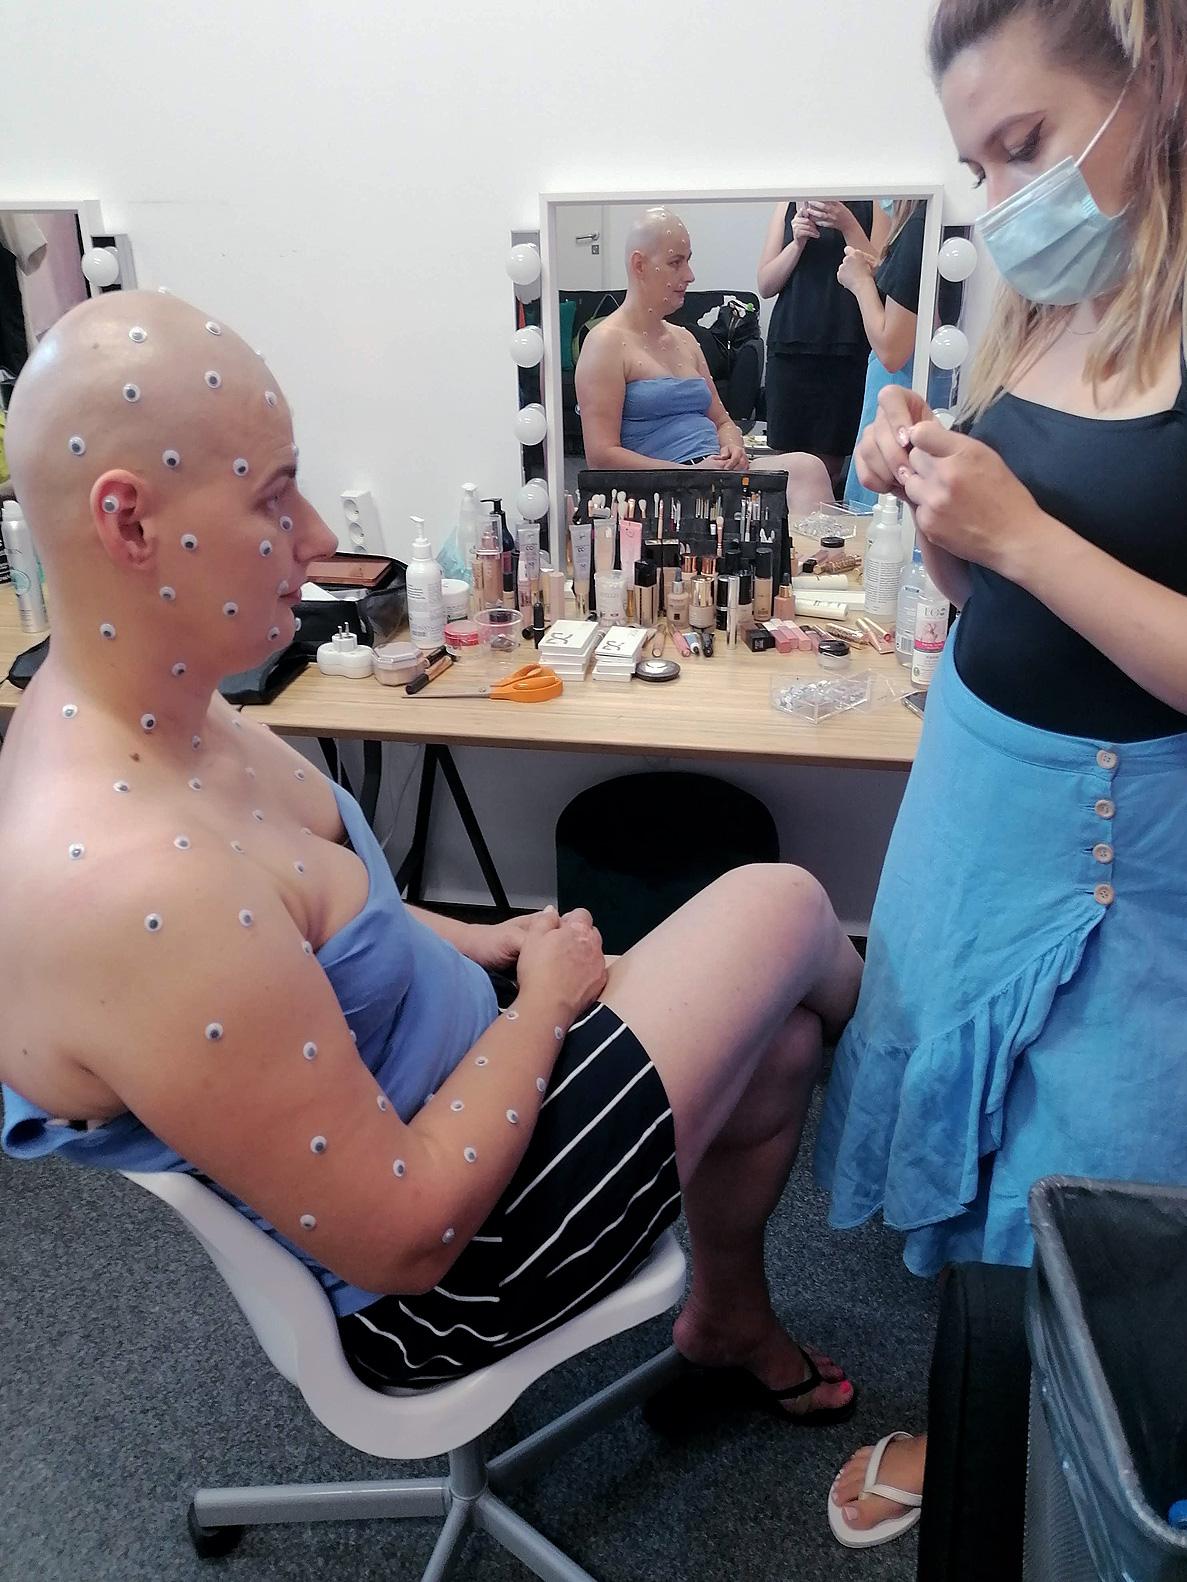 Garderoba, w tle lustro. Na pierwszym planie kobieta bez włosów, w bluzce bez ramiącek, na głowie, twarzy, ramionach i dekolcie ma przyklejone naklejki w kształcie oczu. Obok stoi makijażystka w maseczce.